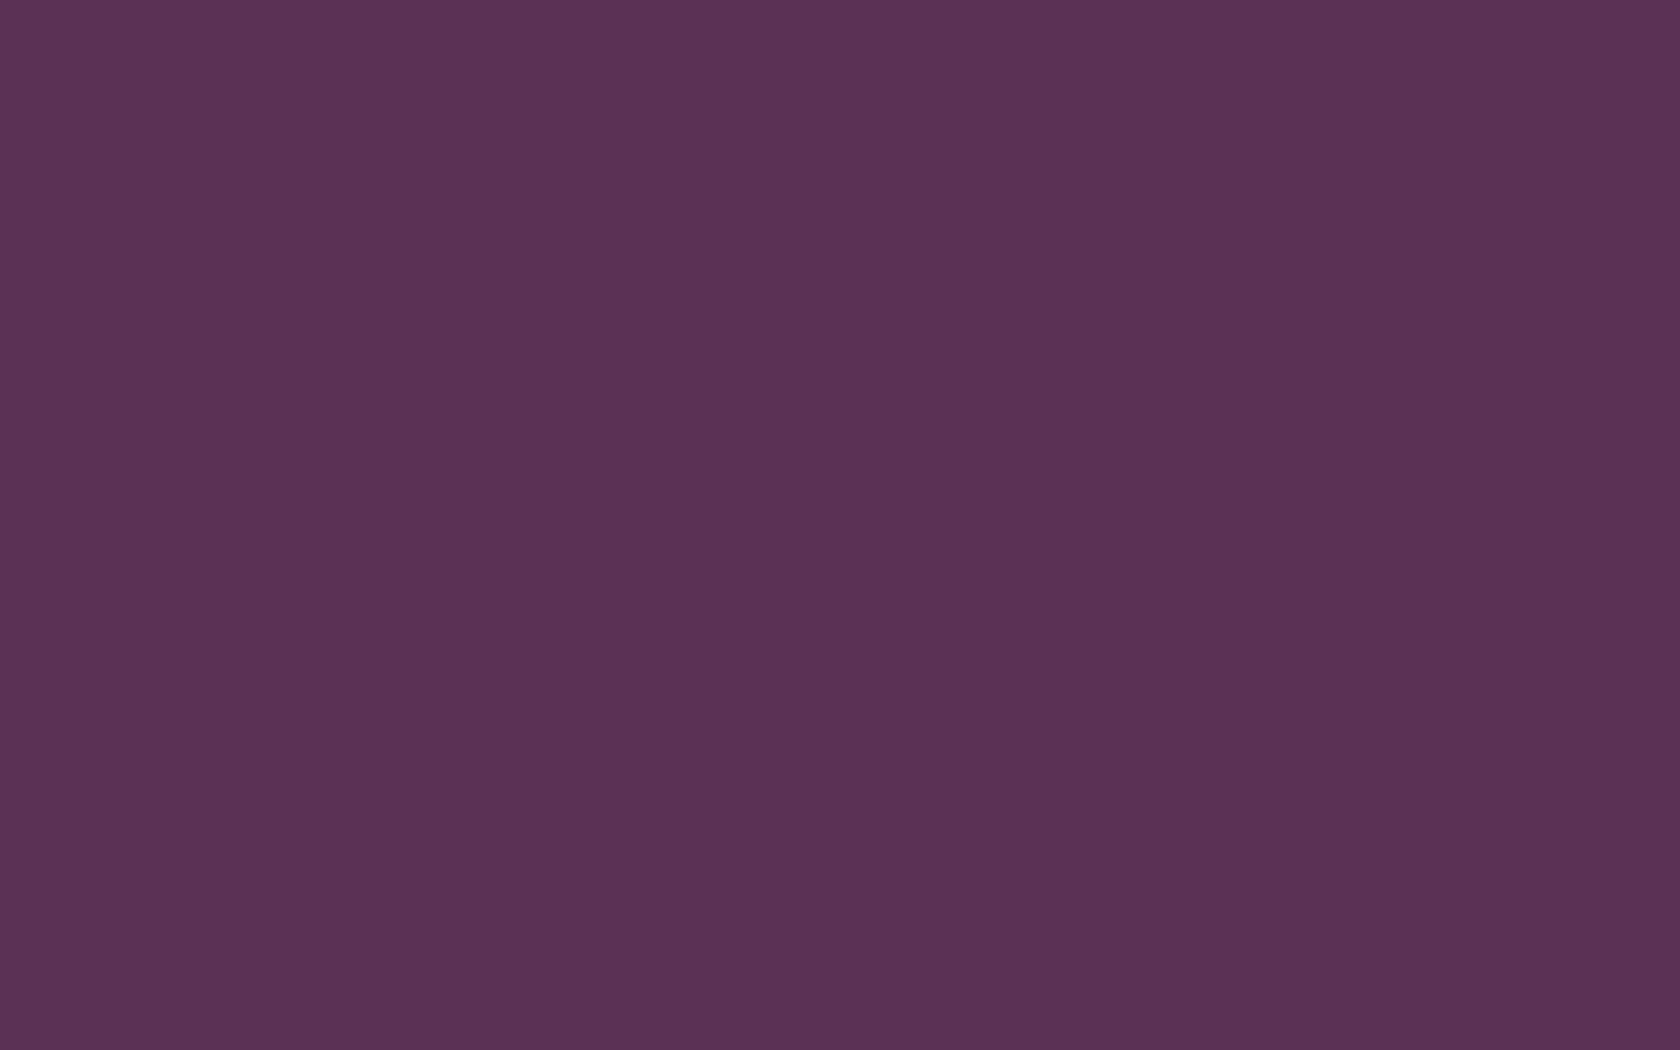 1680x1050 Japanese Violet Solid Color Background